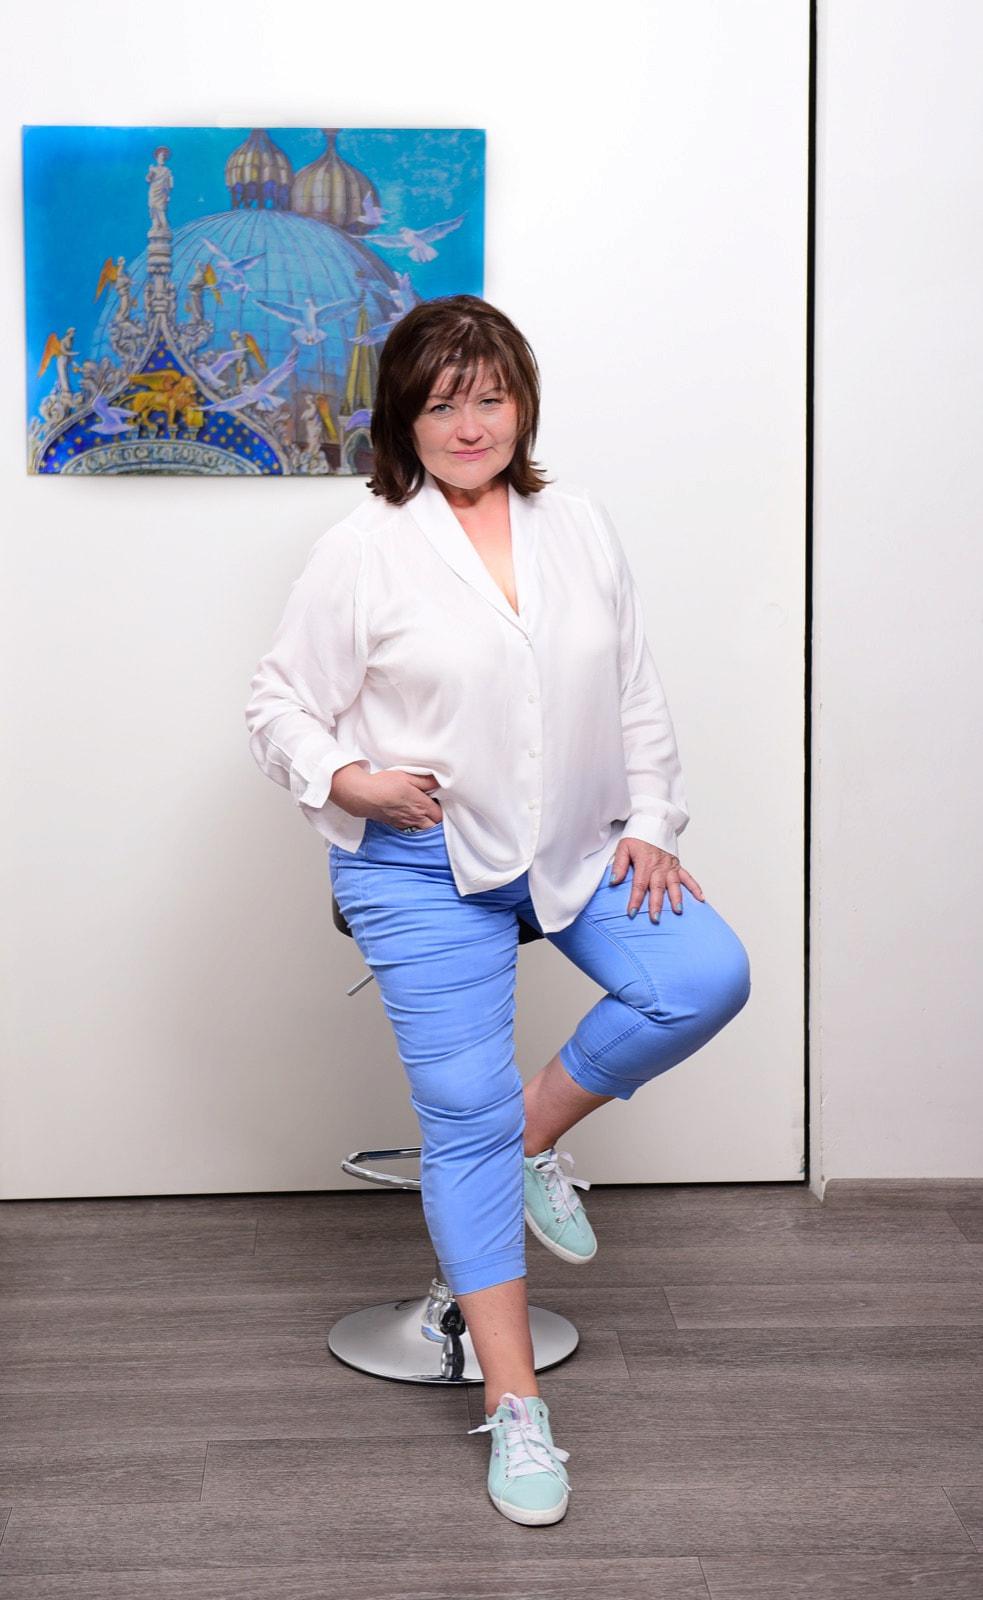 Svetlana Catif-Filonova